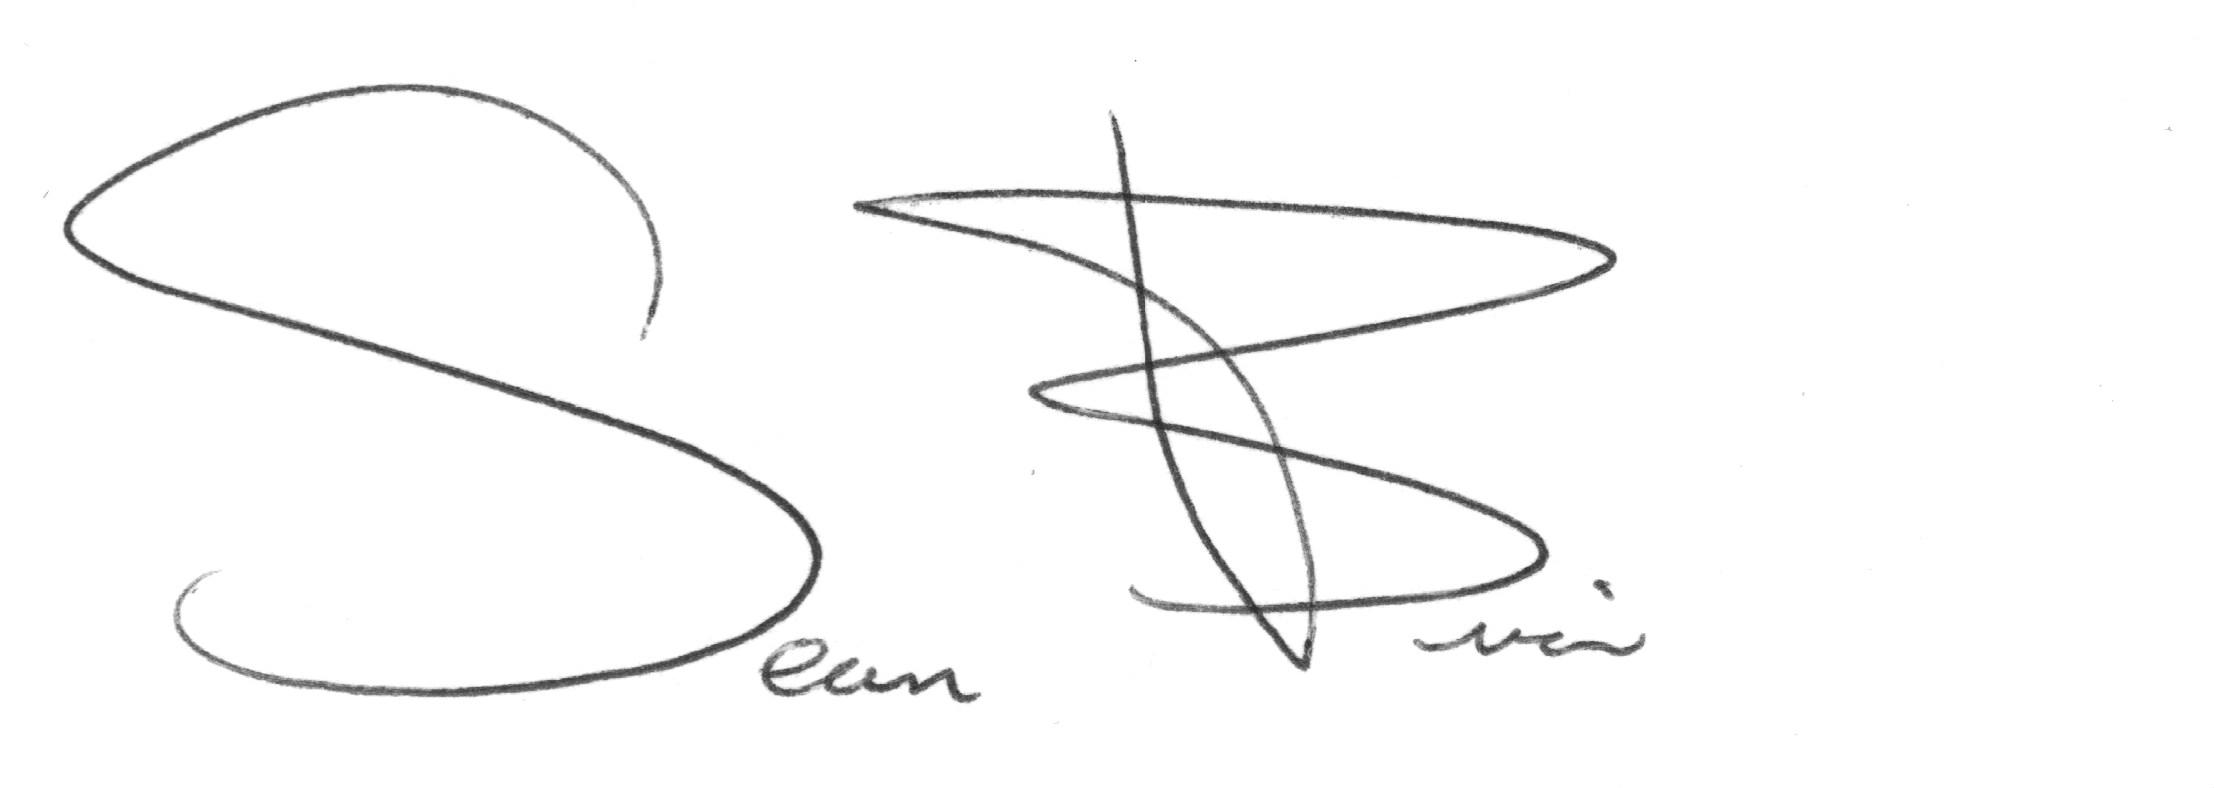 Sean brian Signature